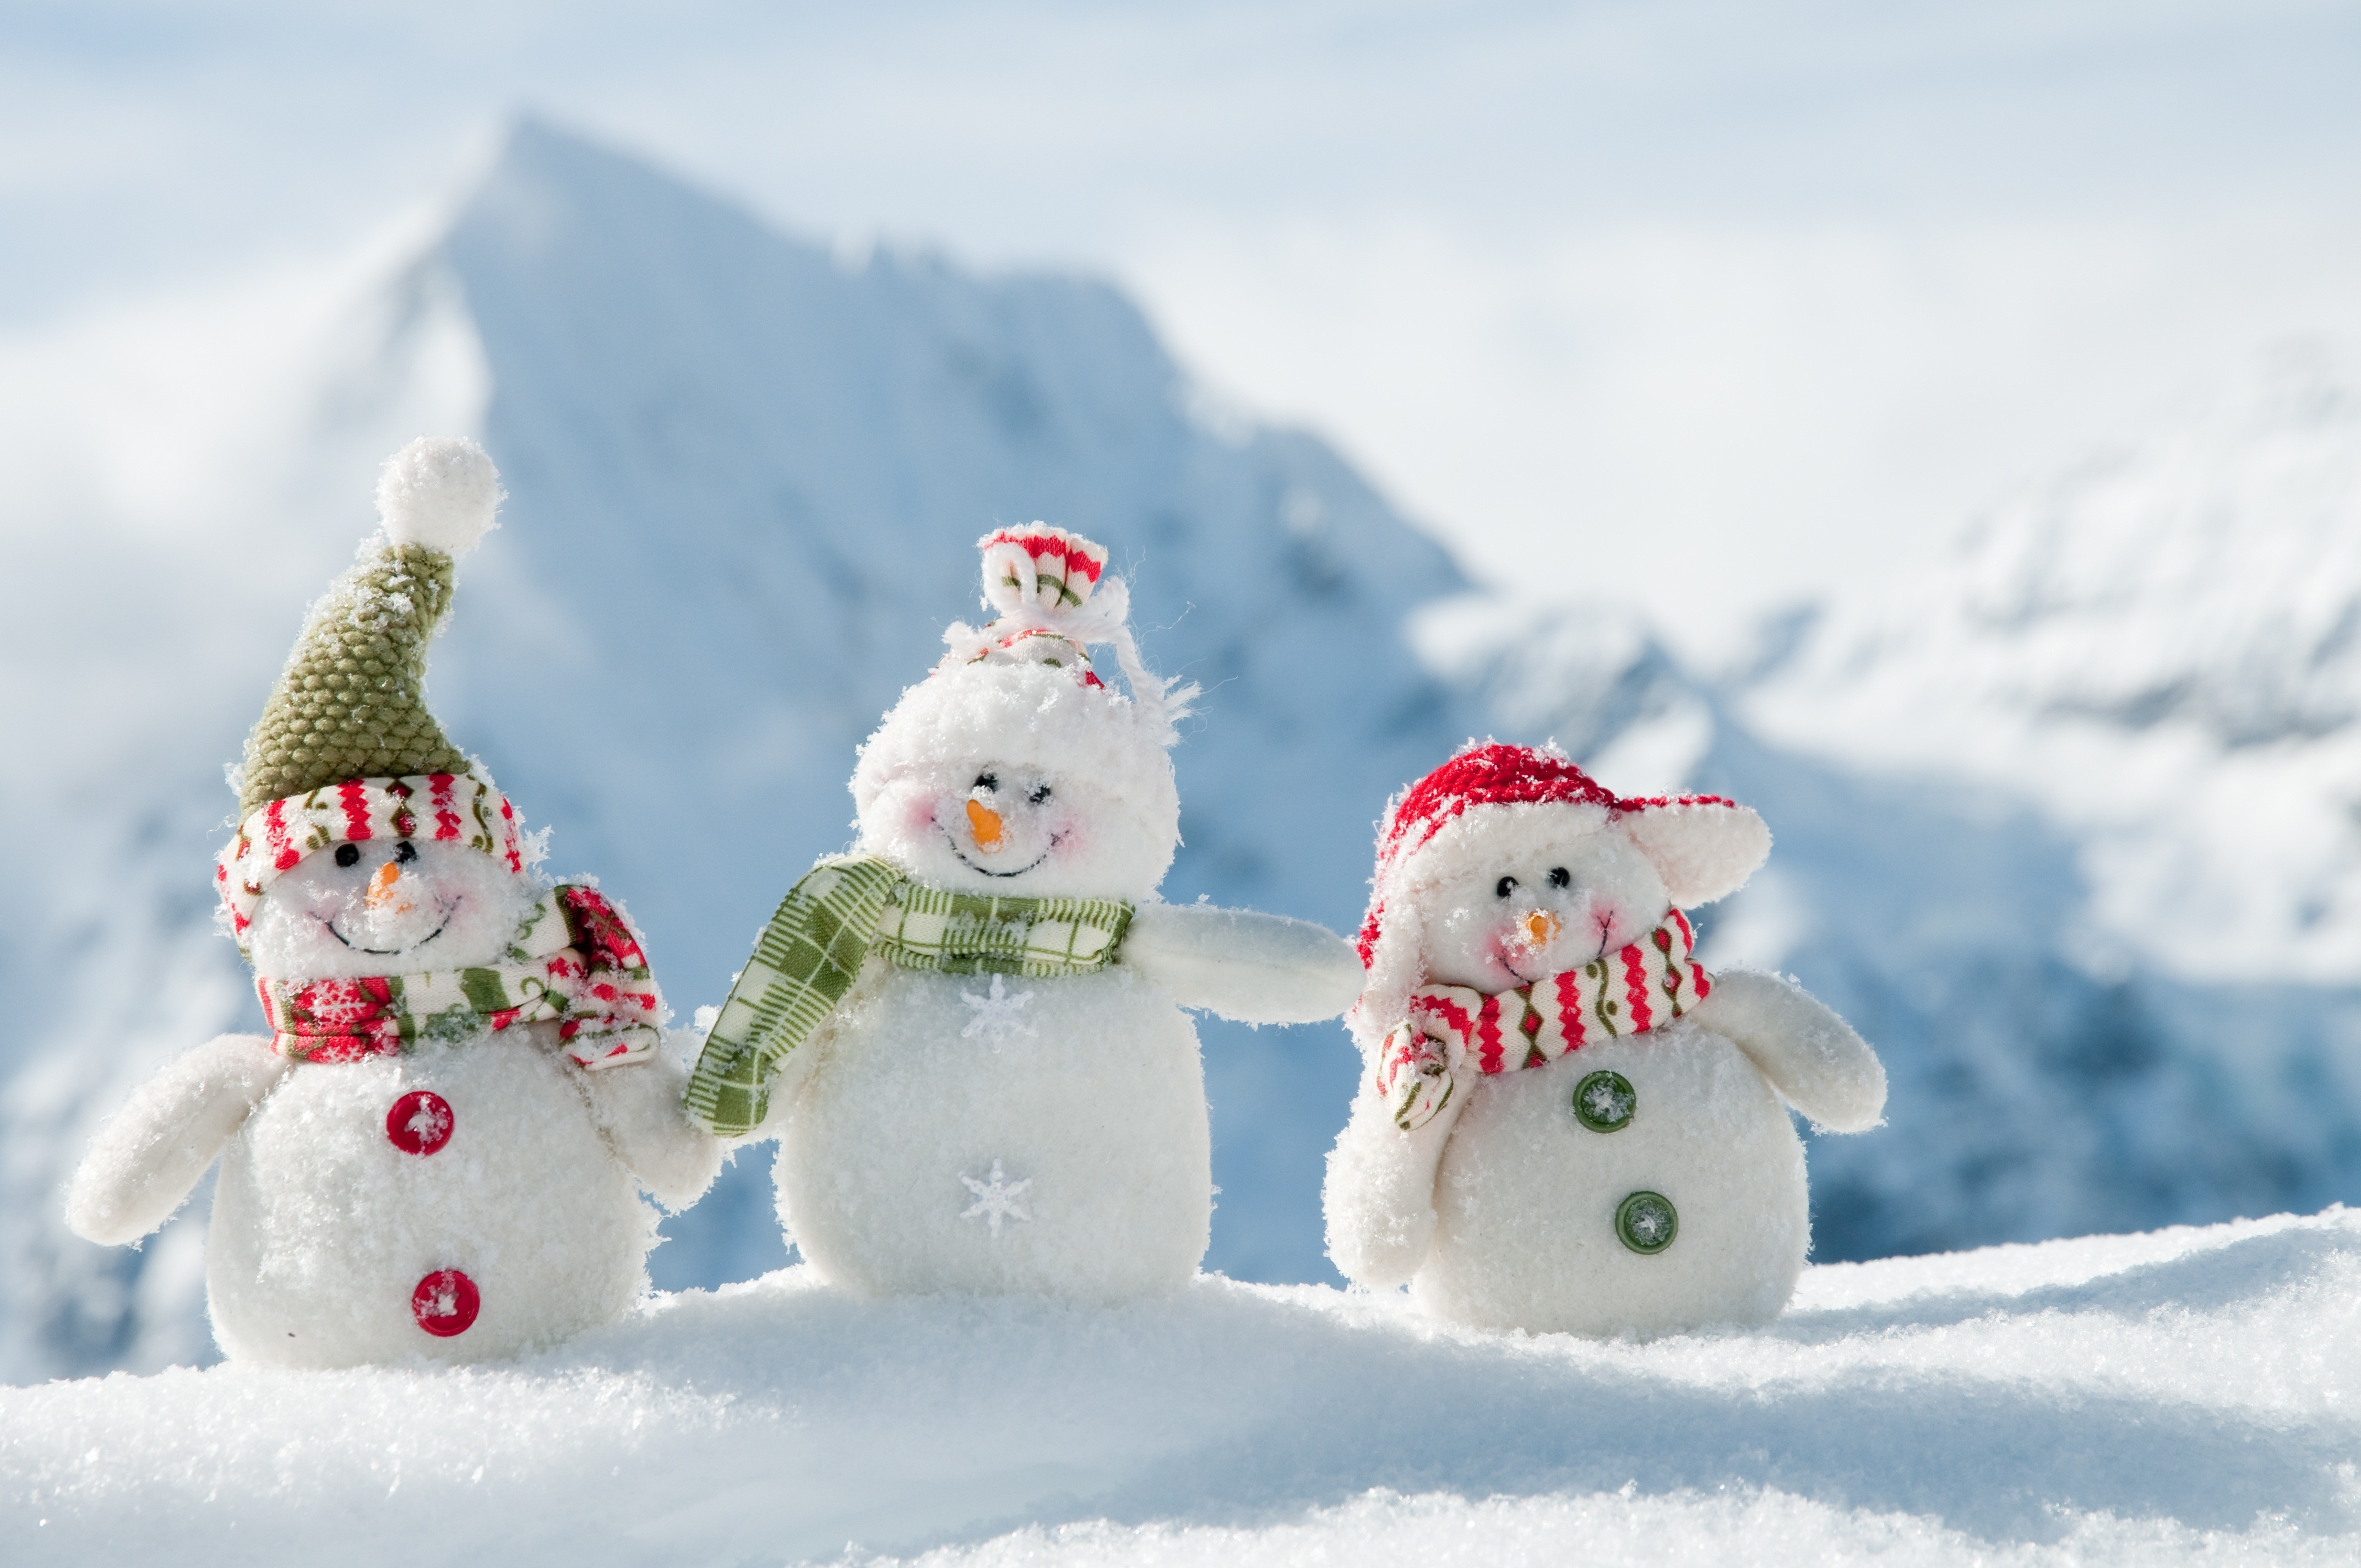 пожарный кран фокус снег зима  № 1512000 без смс